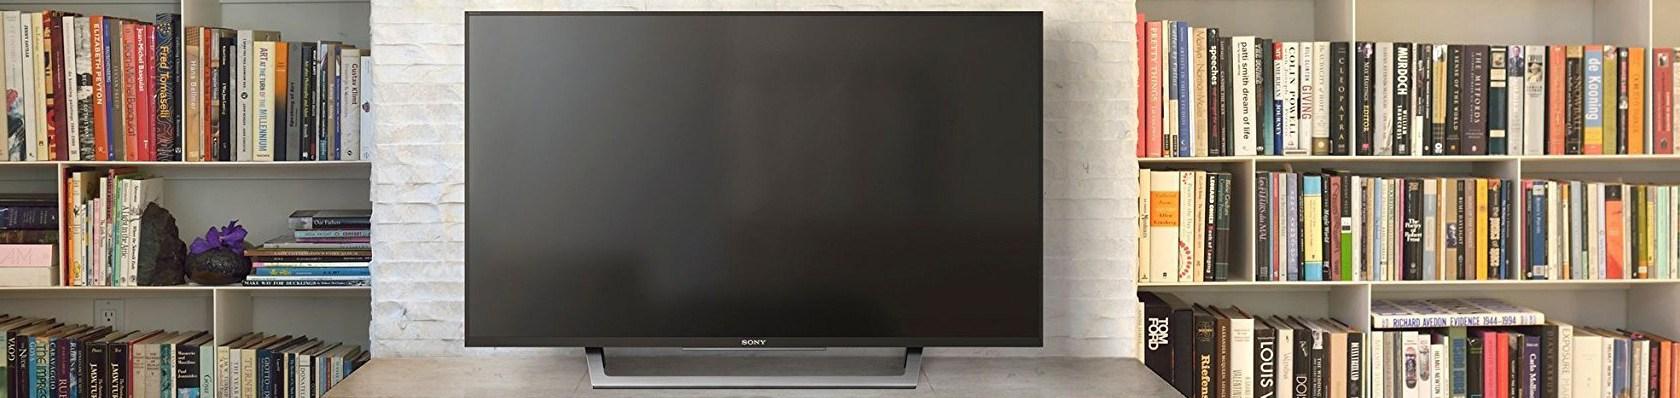 32 Zoll Smart TVs im Test auf ExpertenTesten.de